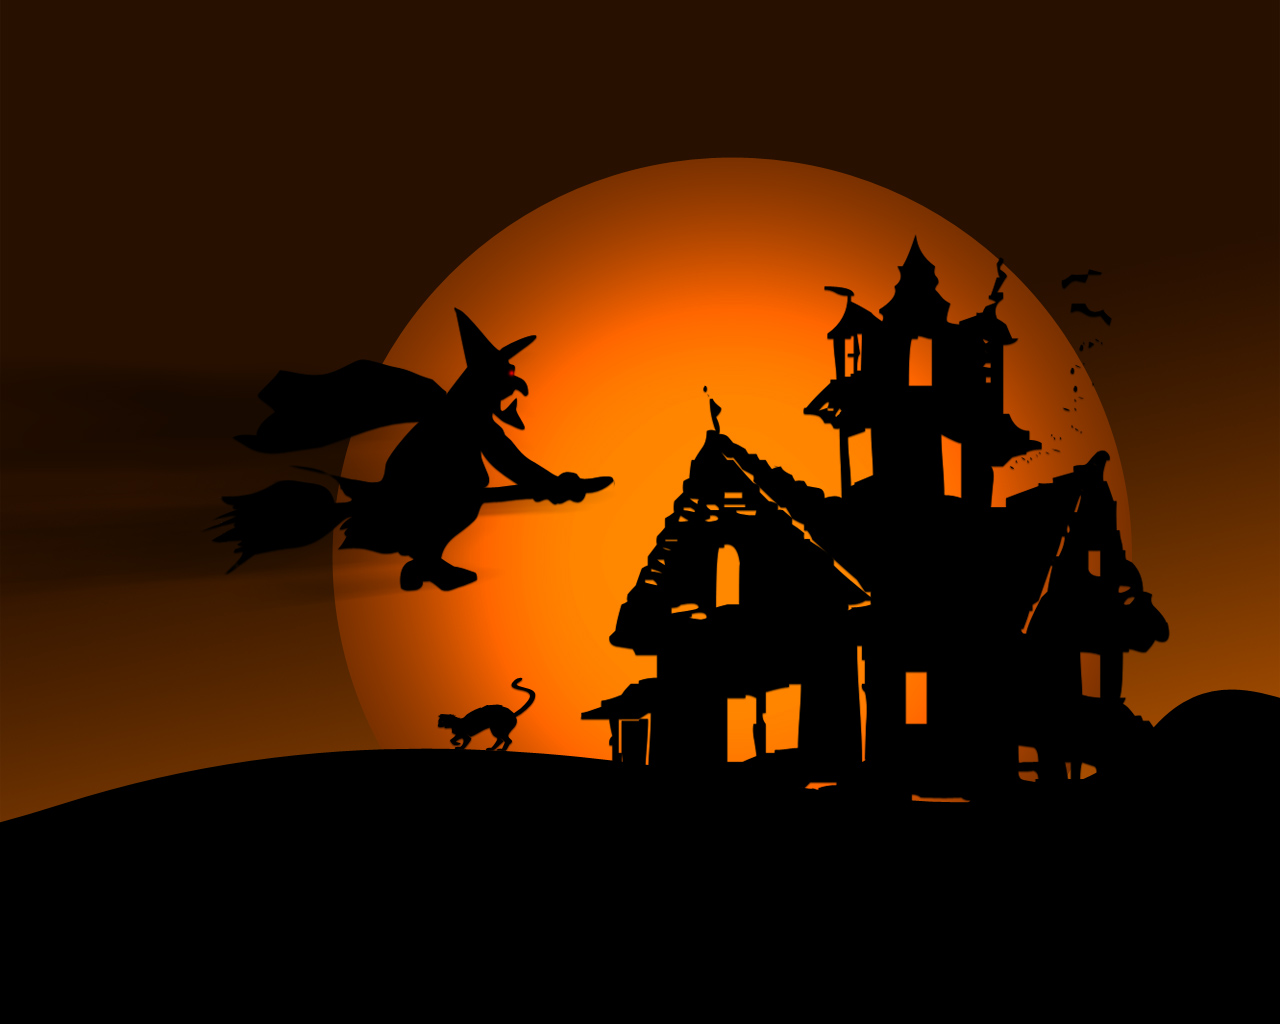 Bruja deseando feliz Halloween